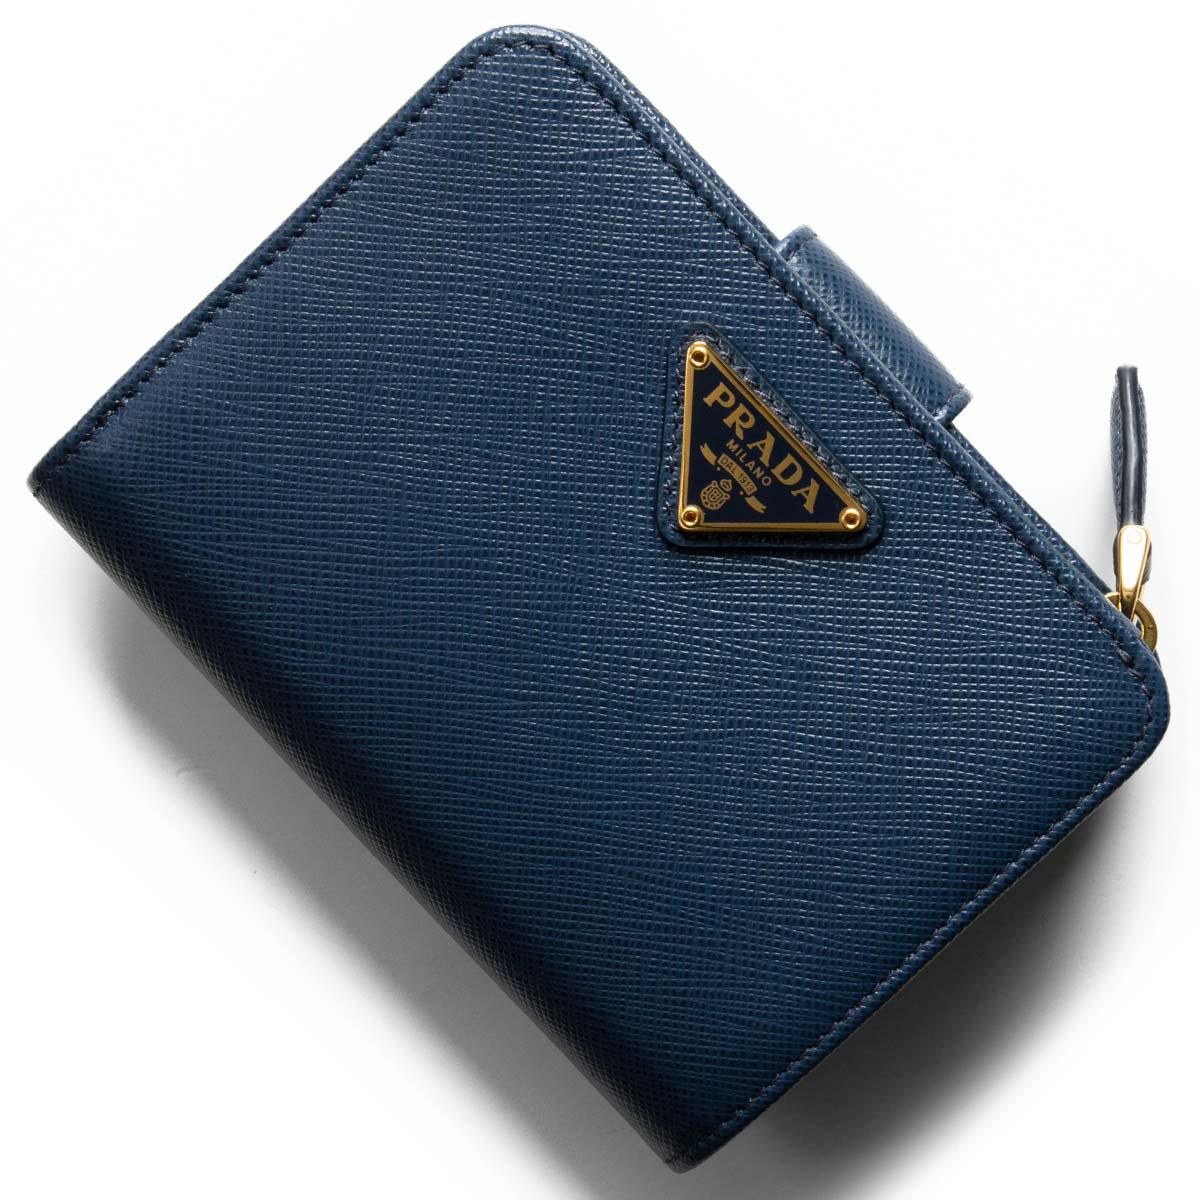 58995b1a0a3a プラダ二つ折り財布財布レディースサフィアーノトライアングル三角ロゴプレートブリエッタブルー1ML018QHHF0016PRADA クロエ 美しい